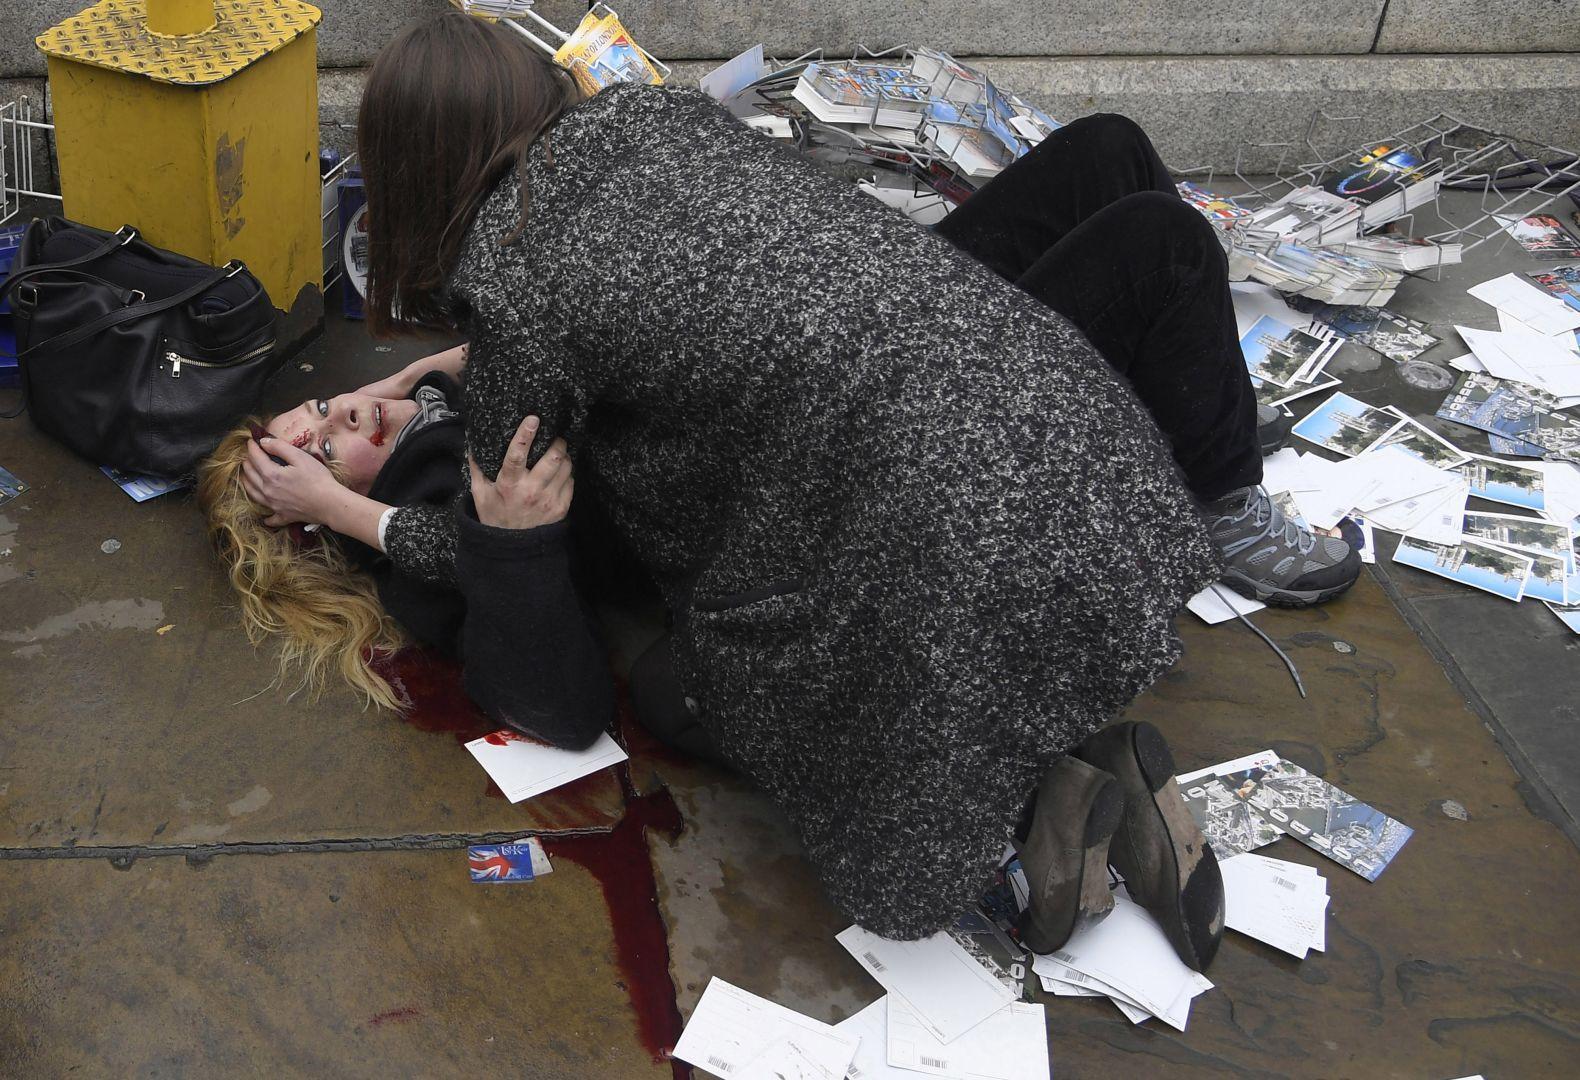 Vítima do ataque terrorista em Westminster, Londres. Foto: Toby Melville